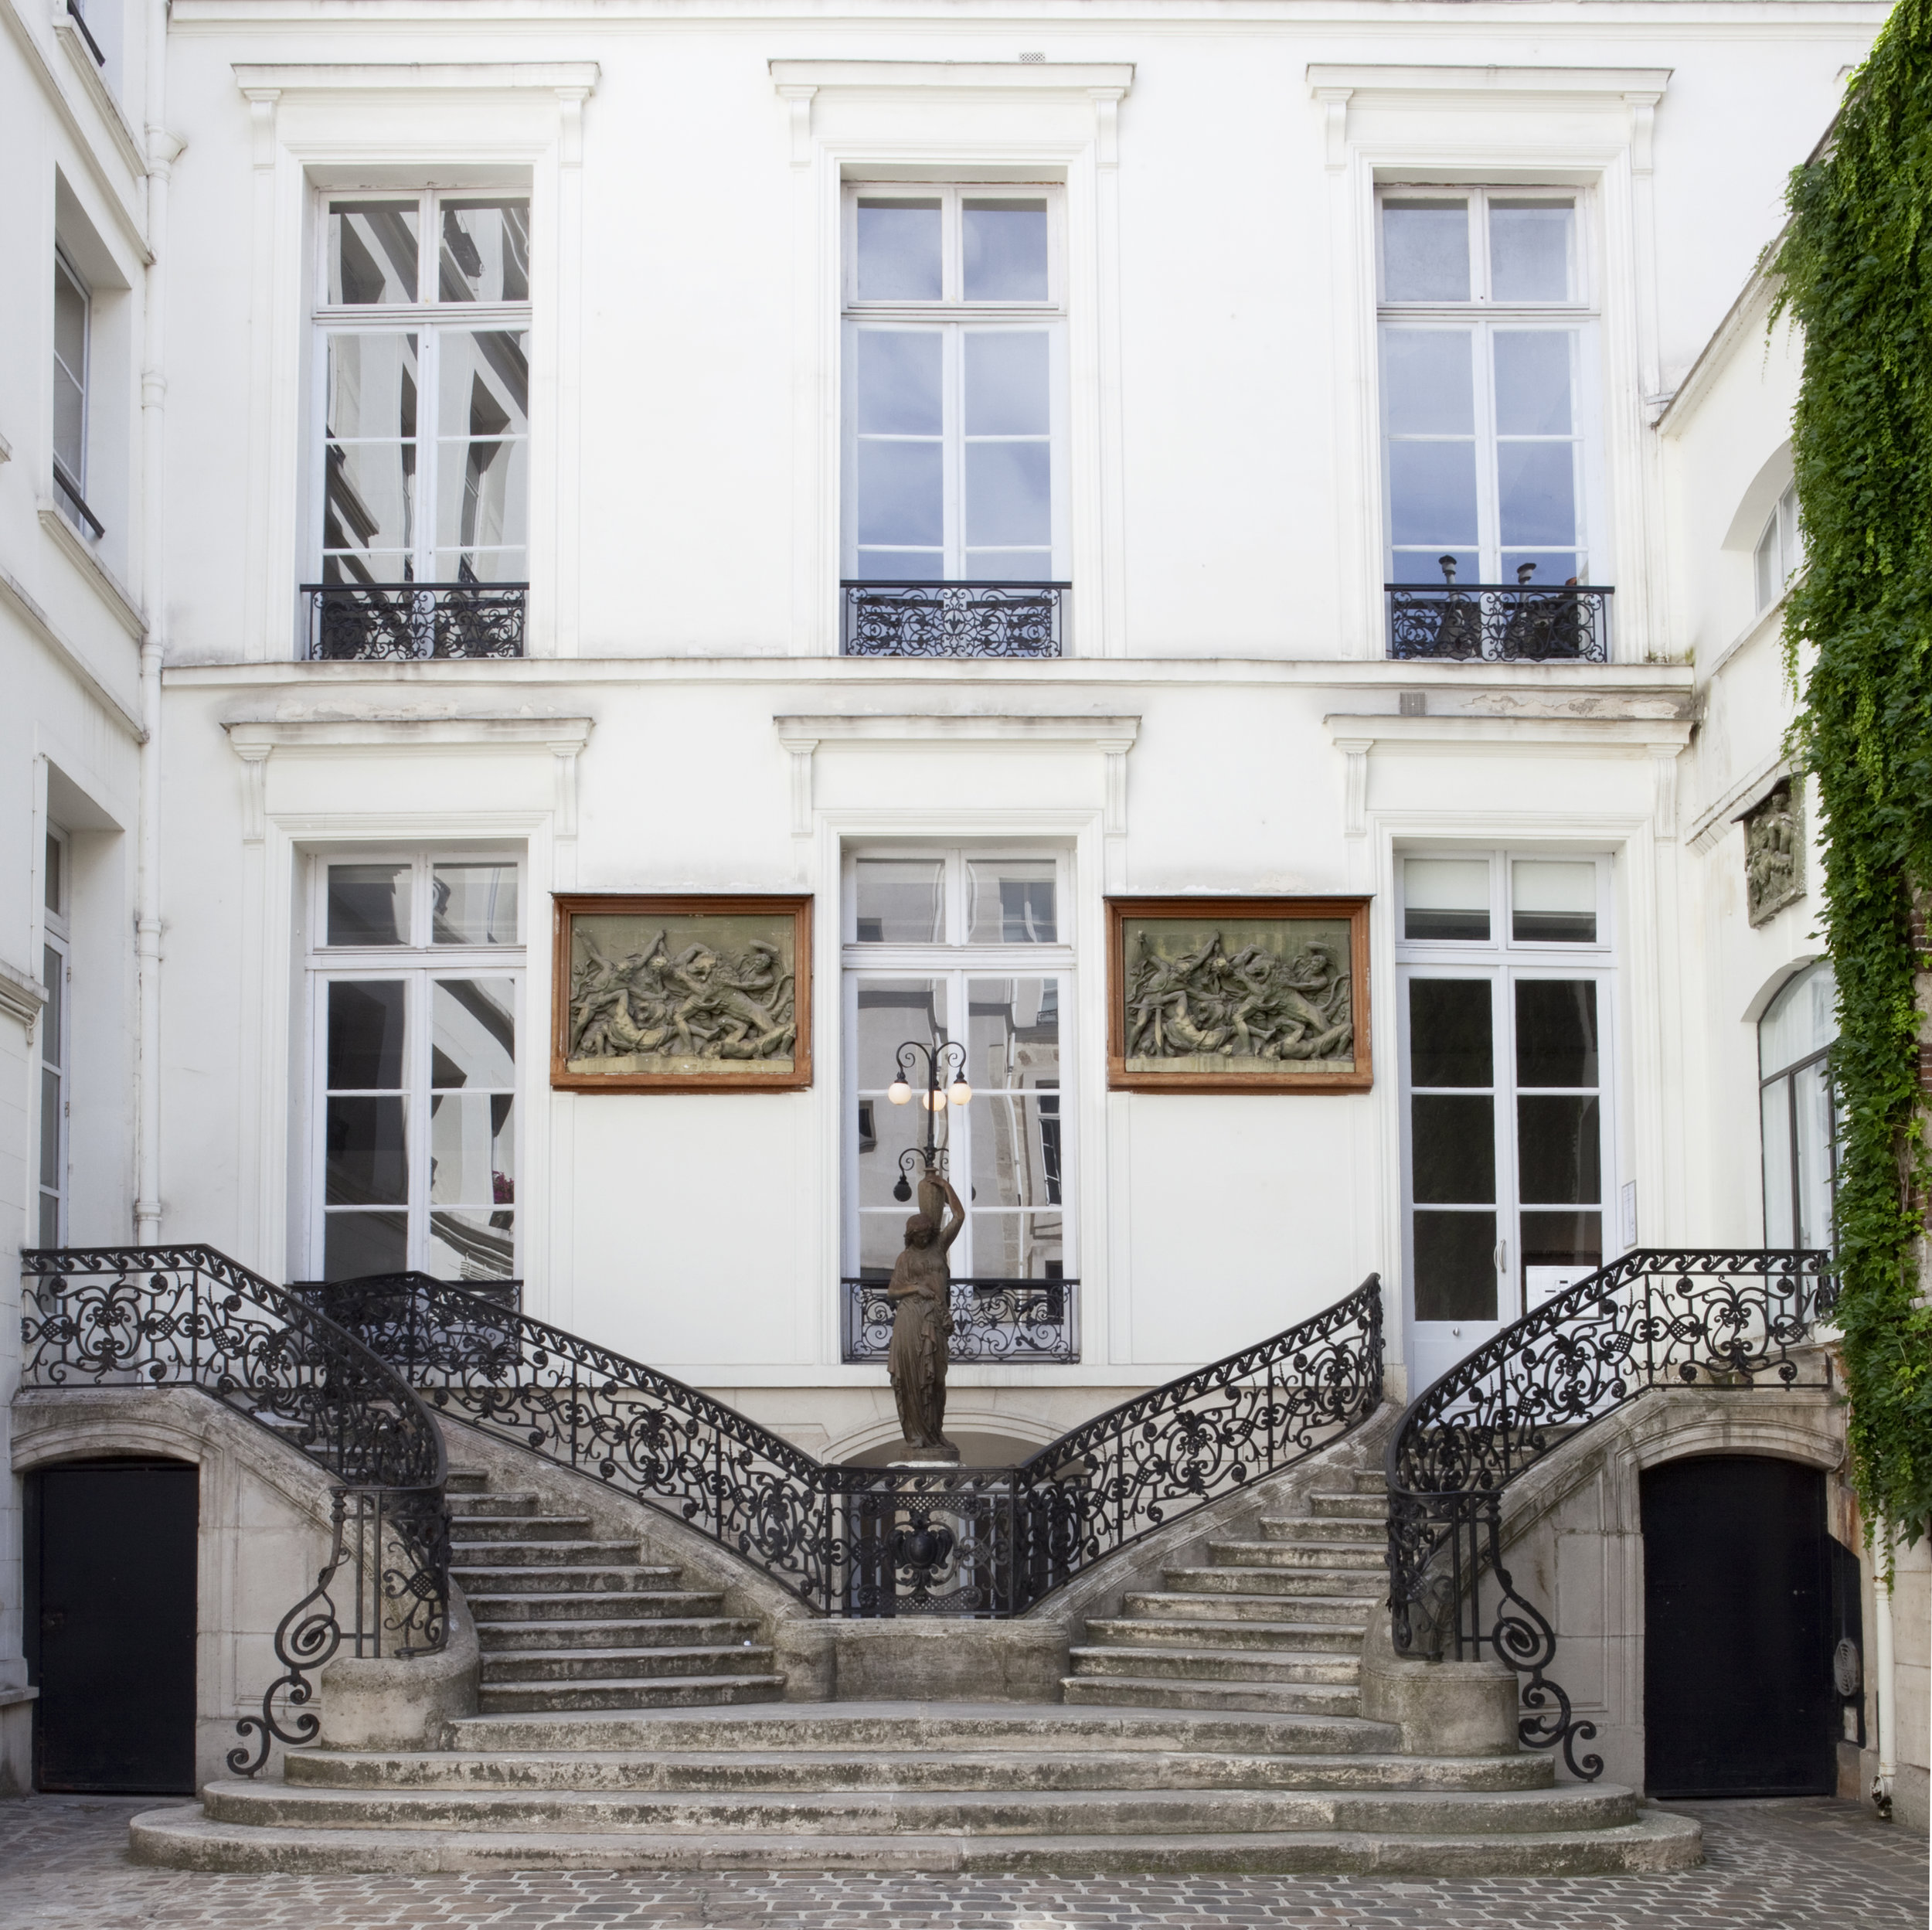 _Galerie_Perrotin_Paris.jpg